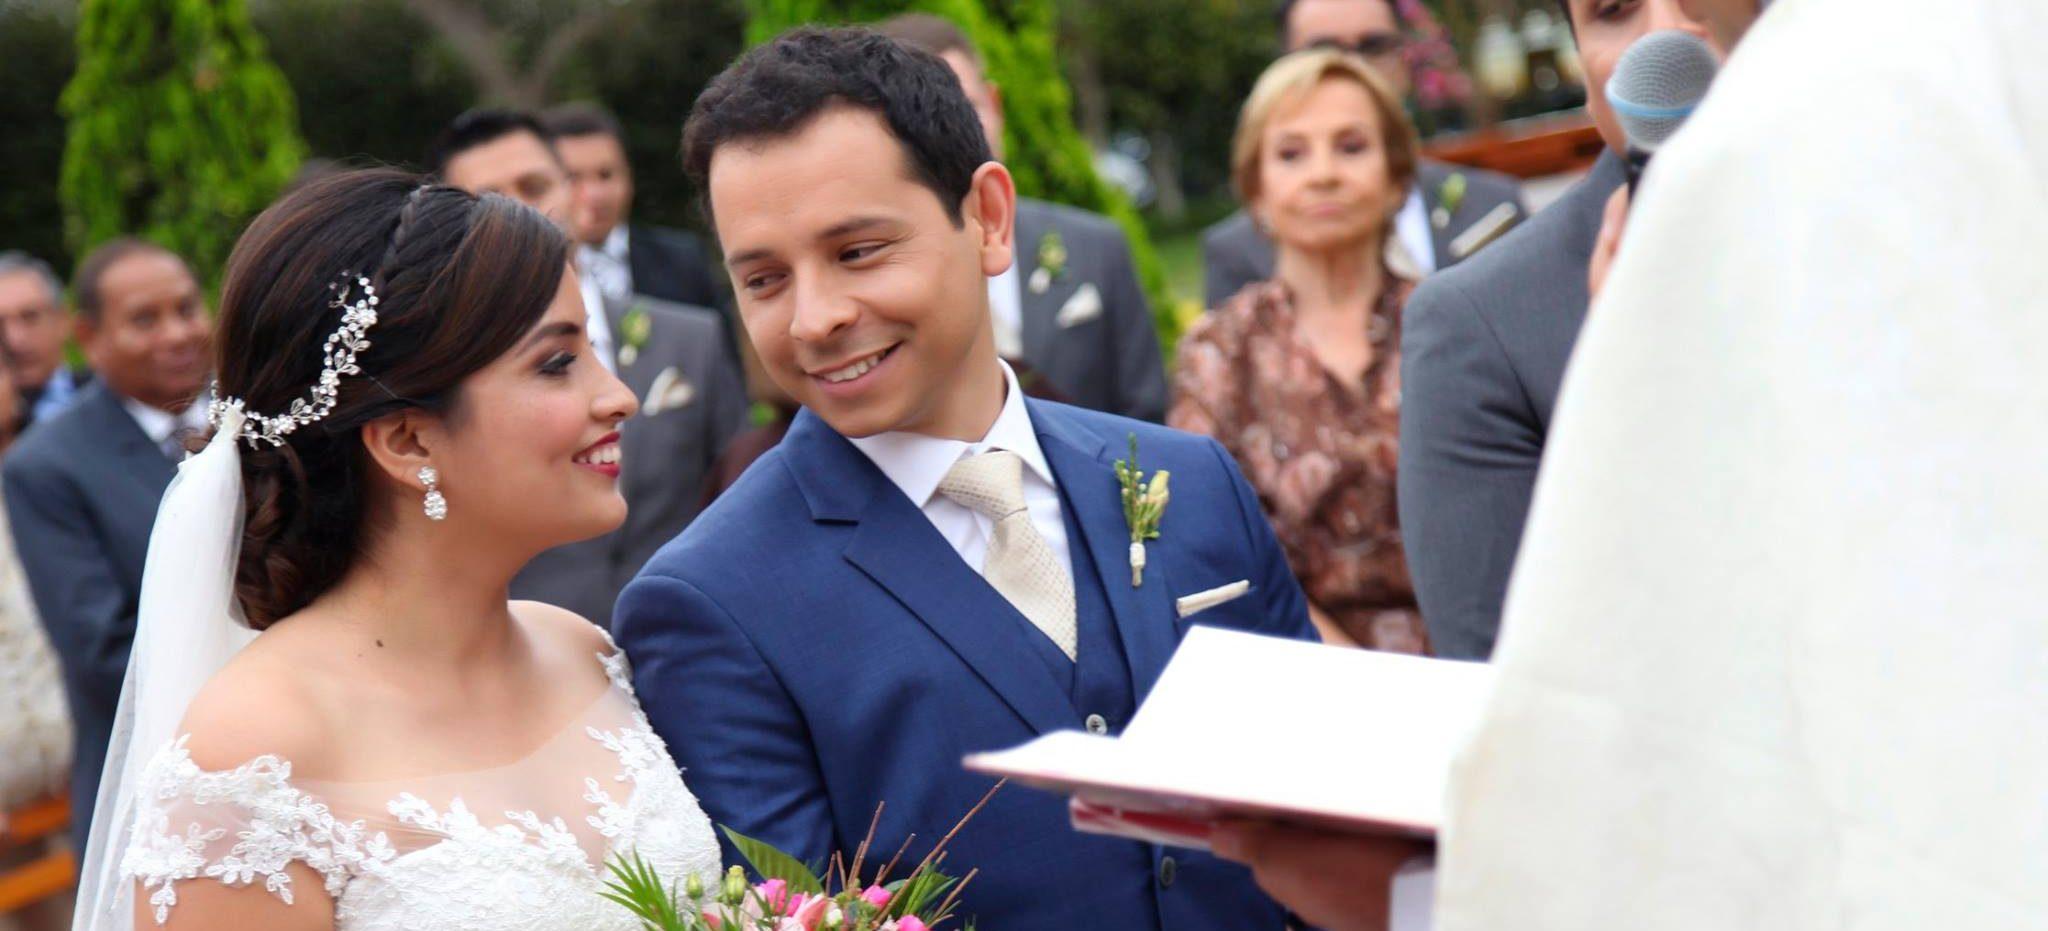 Cynthia & Rafael